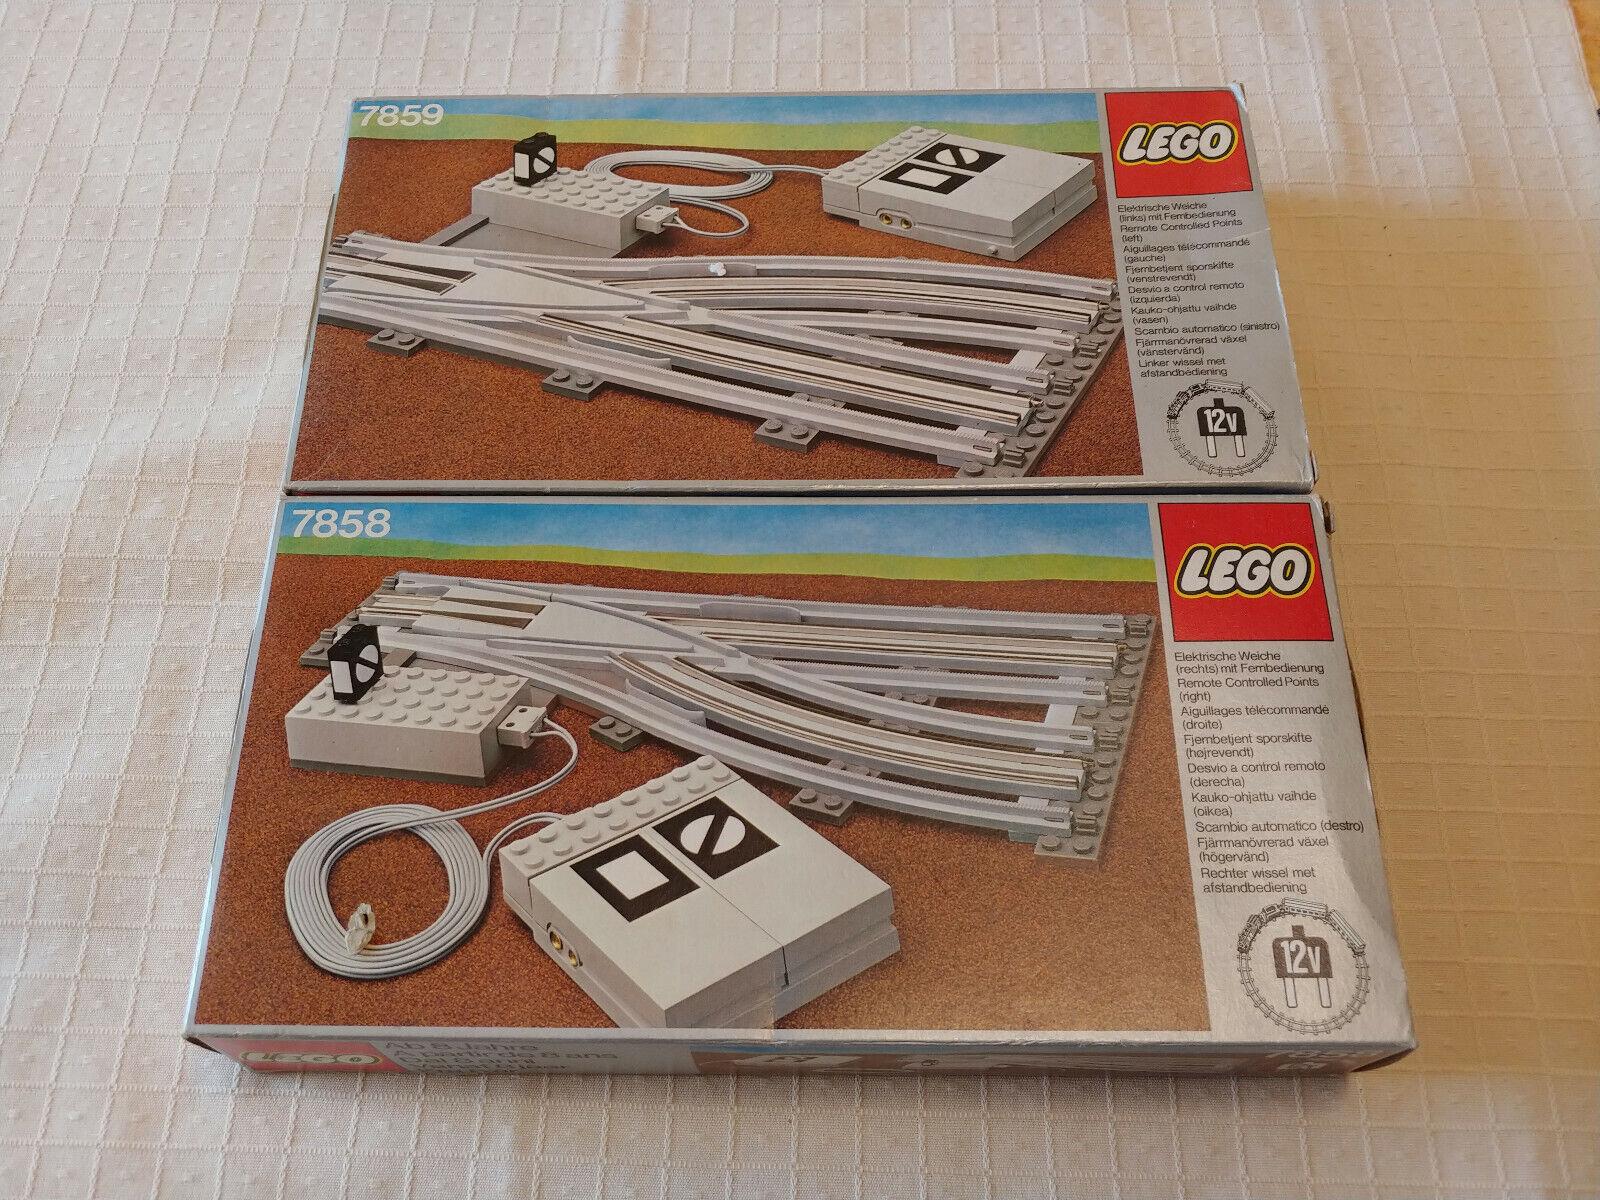 Weiche links GRAU SWITCH POINT Lego 12V Eisenbahn TRAIN 7859 Elekr